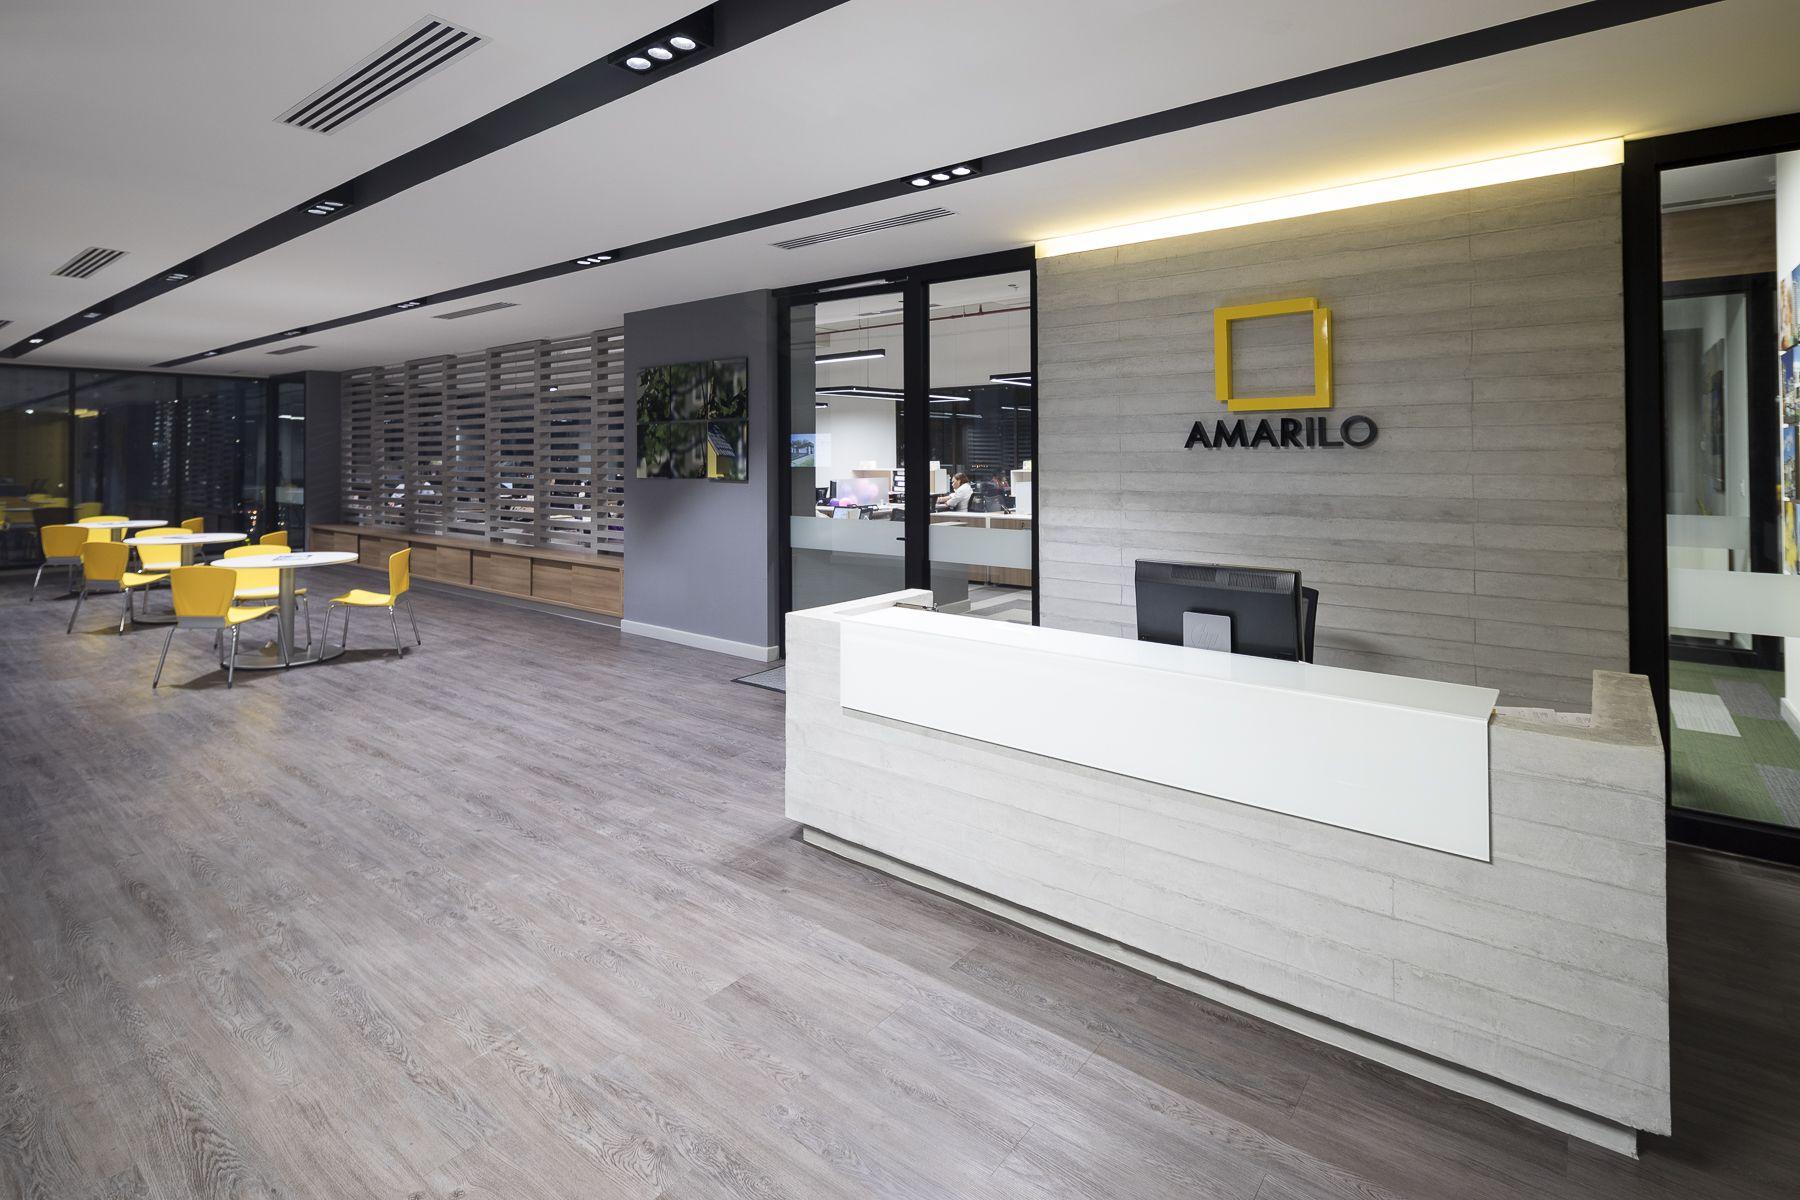 Recepci n de amarilo panam dise o arquitectura e Diseno de ambientes y arquitectura de interiores